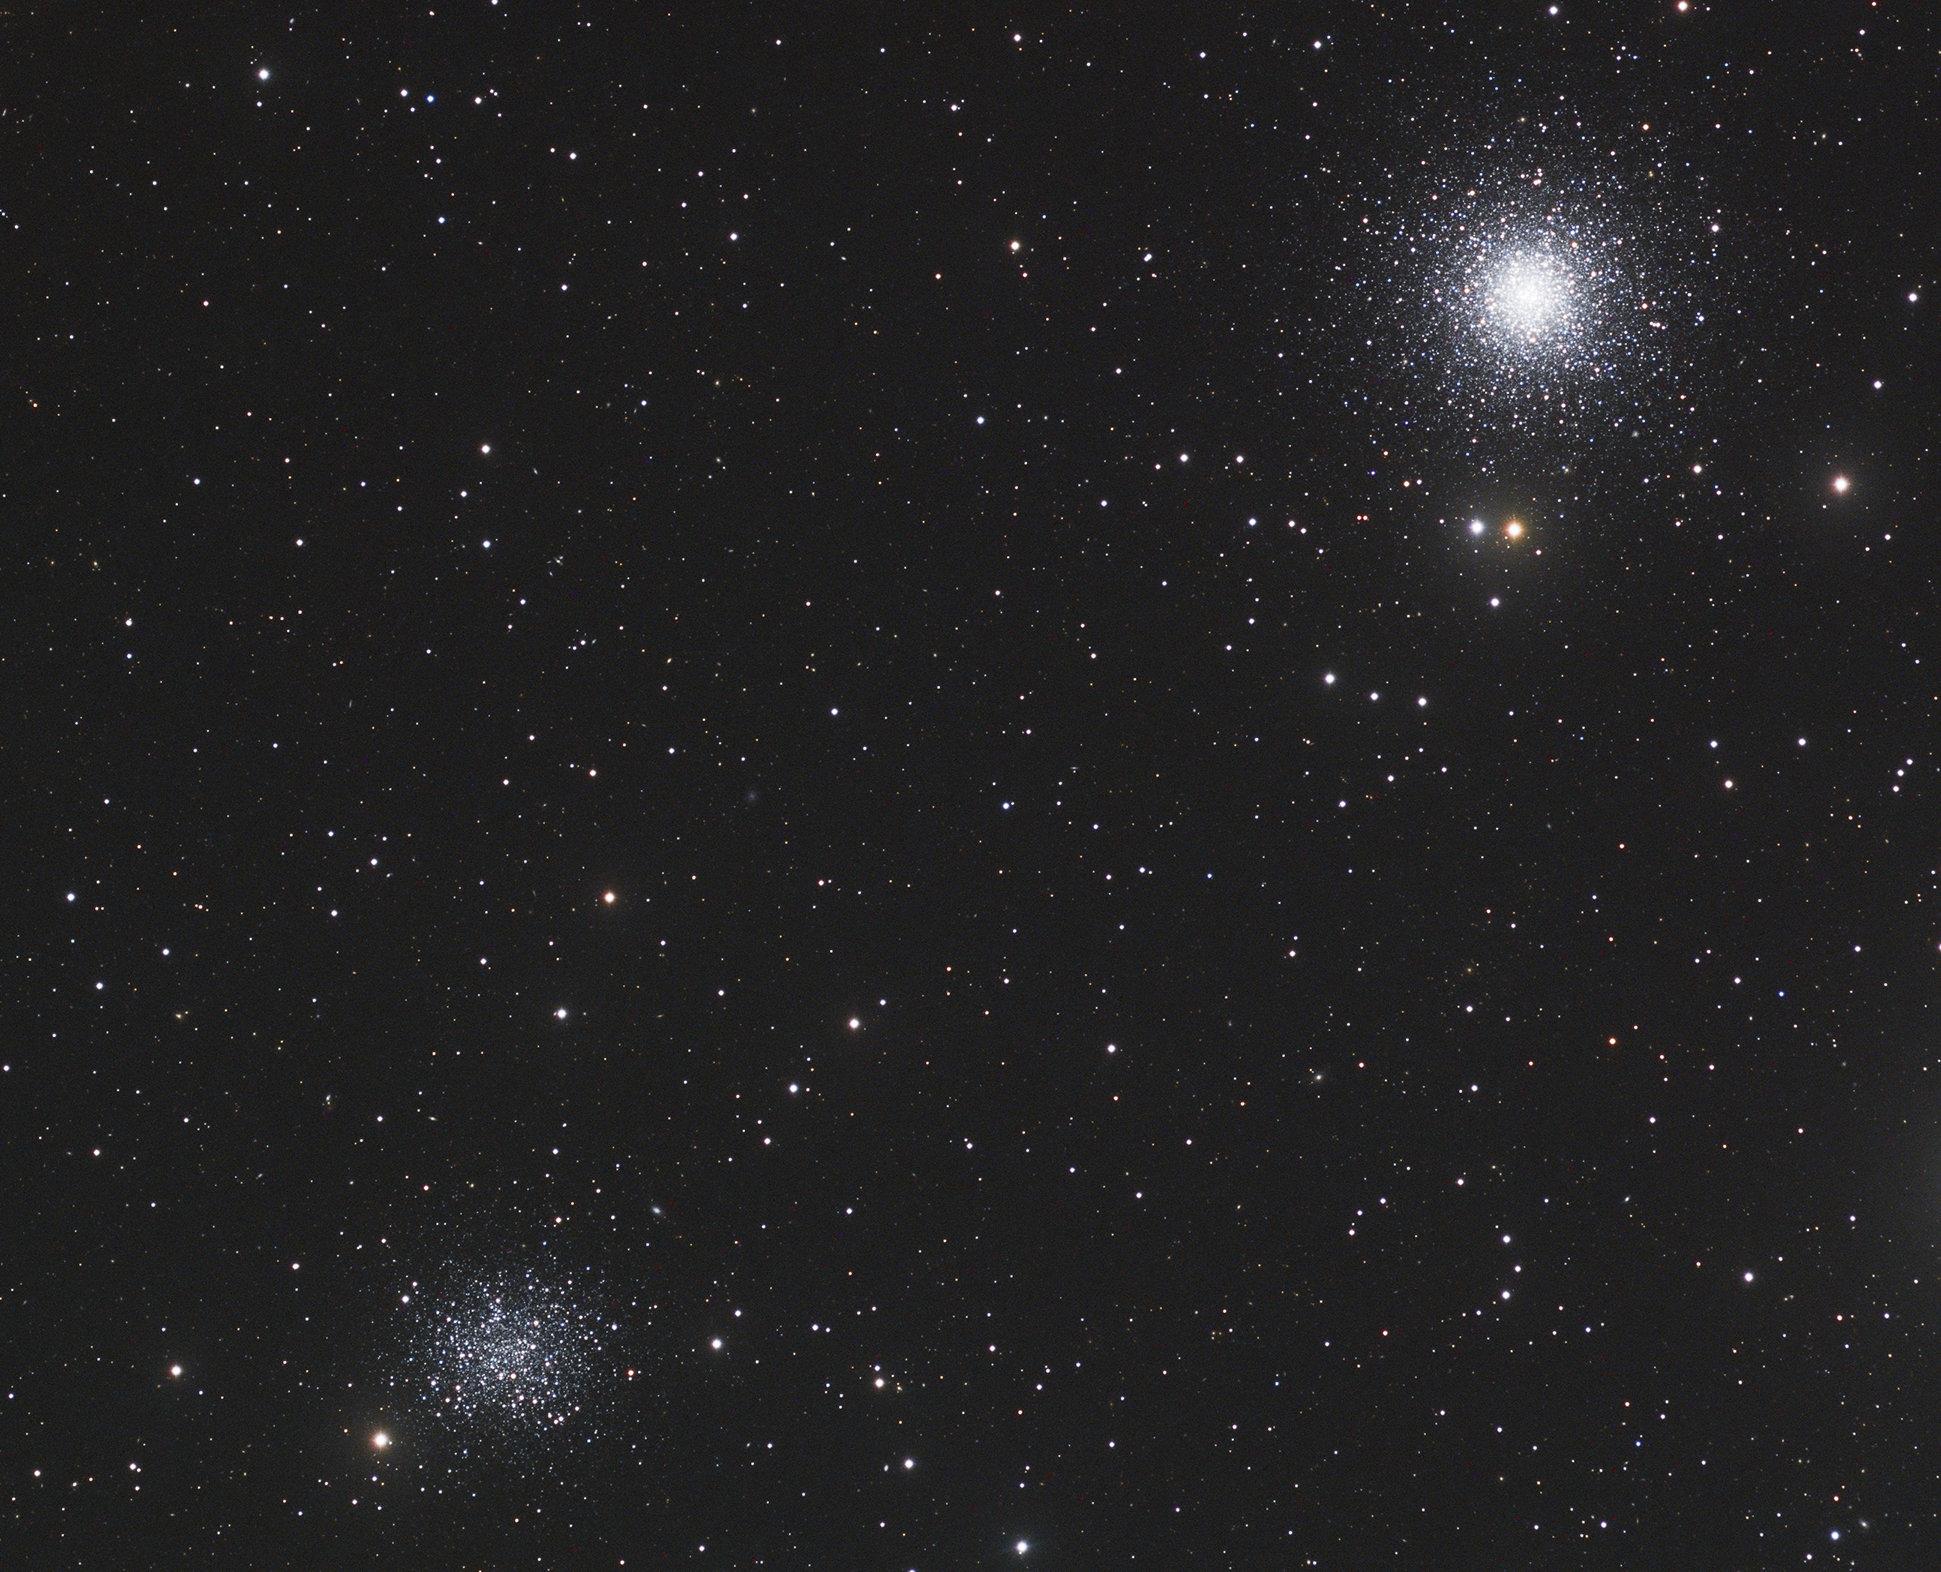 M53 - NGC5053 - Carlos Uriarte